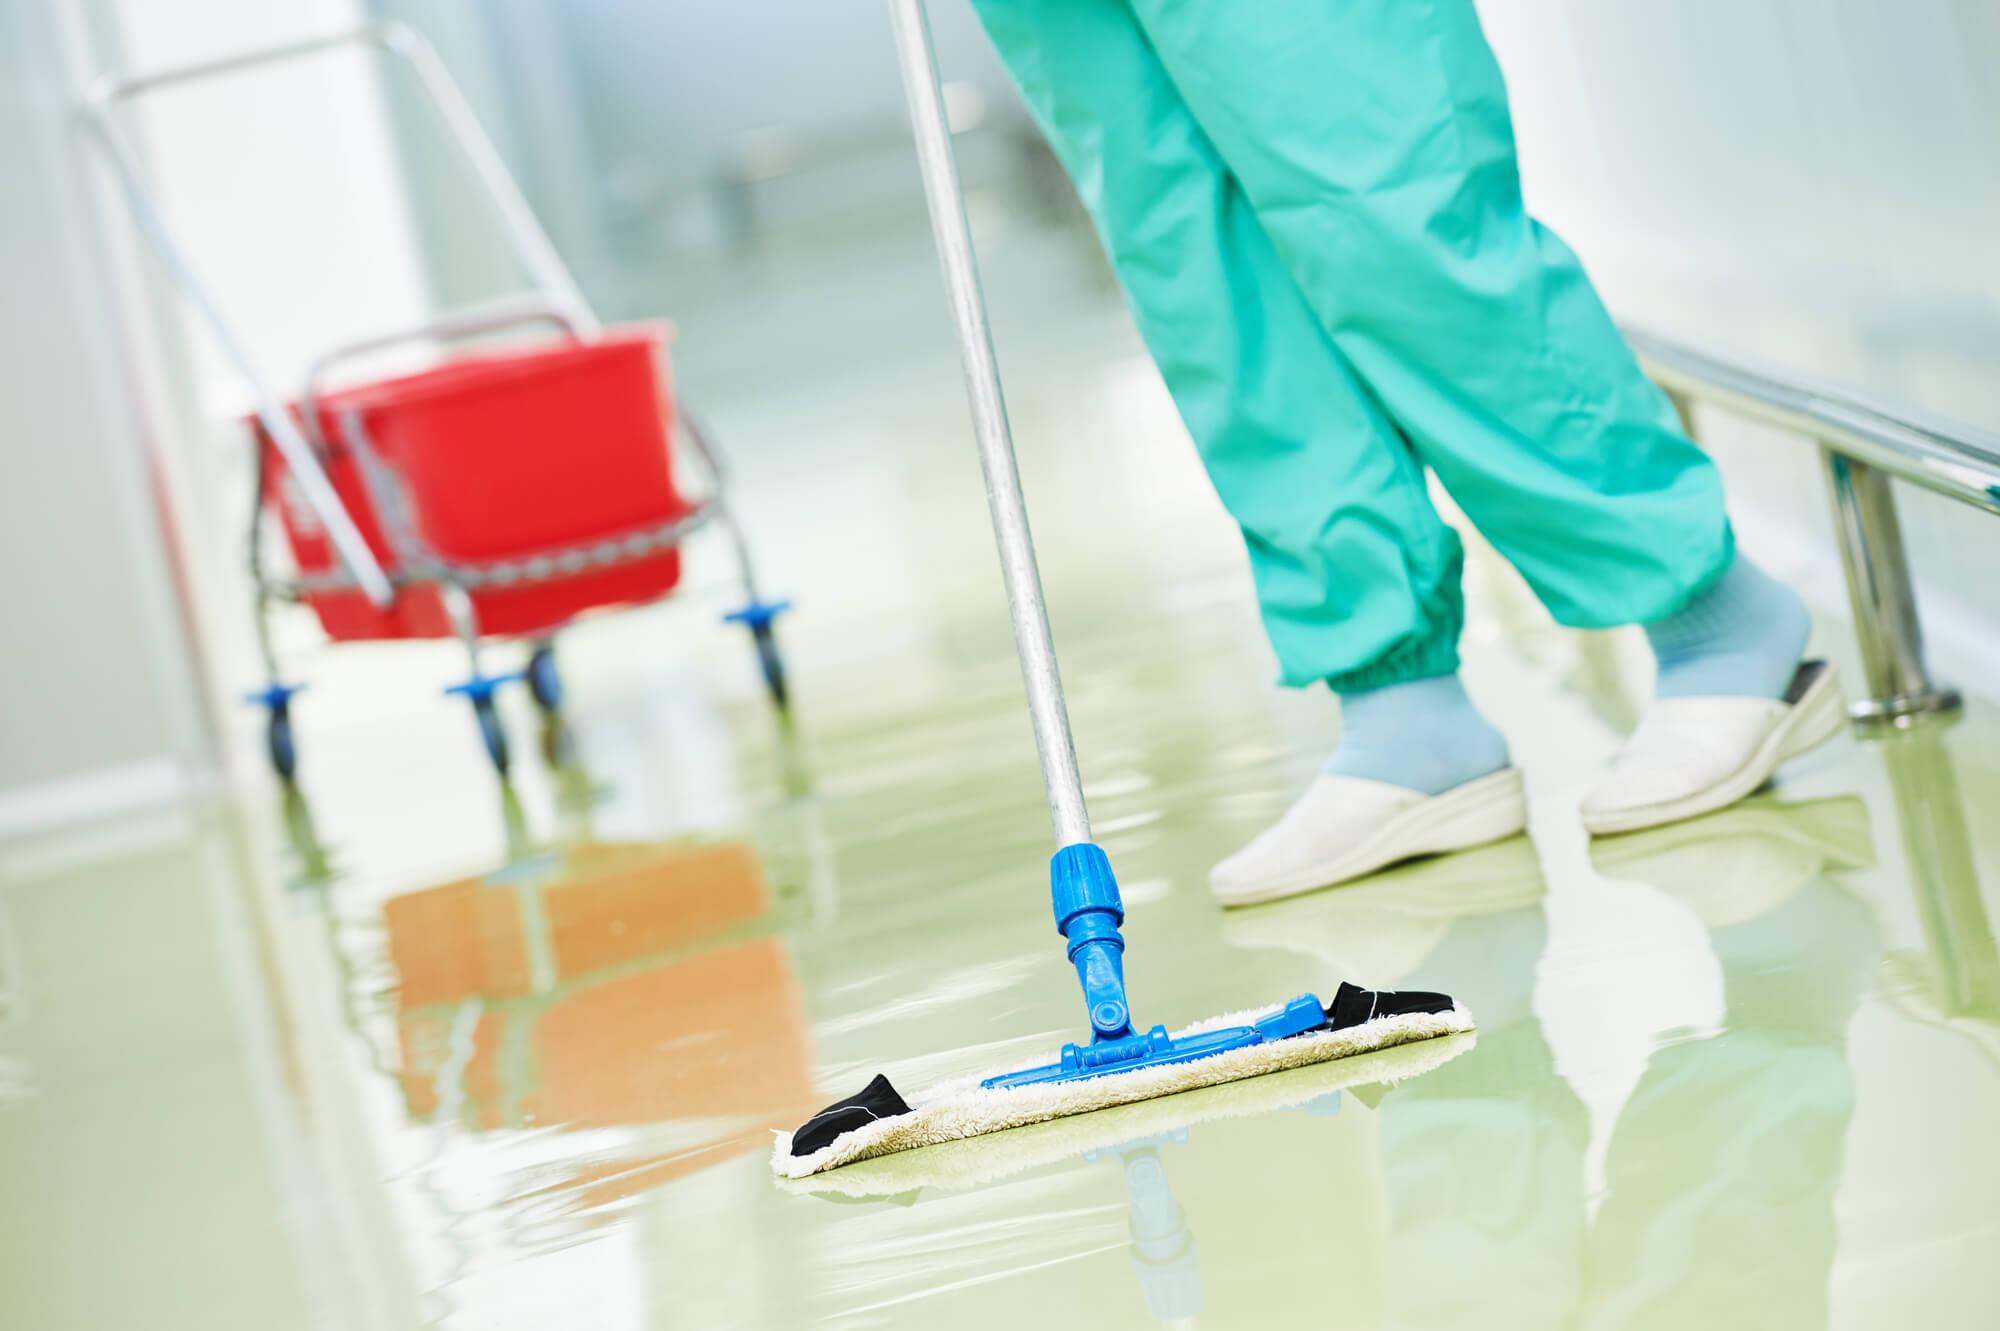 7 erros que você deve evitar na limpeza da sua empresa - IPC Brasil